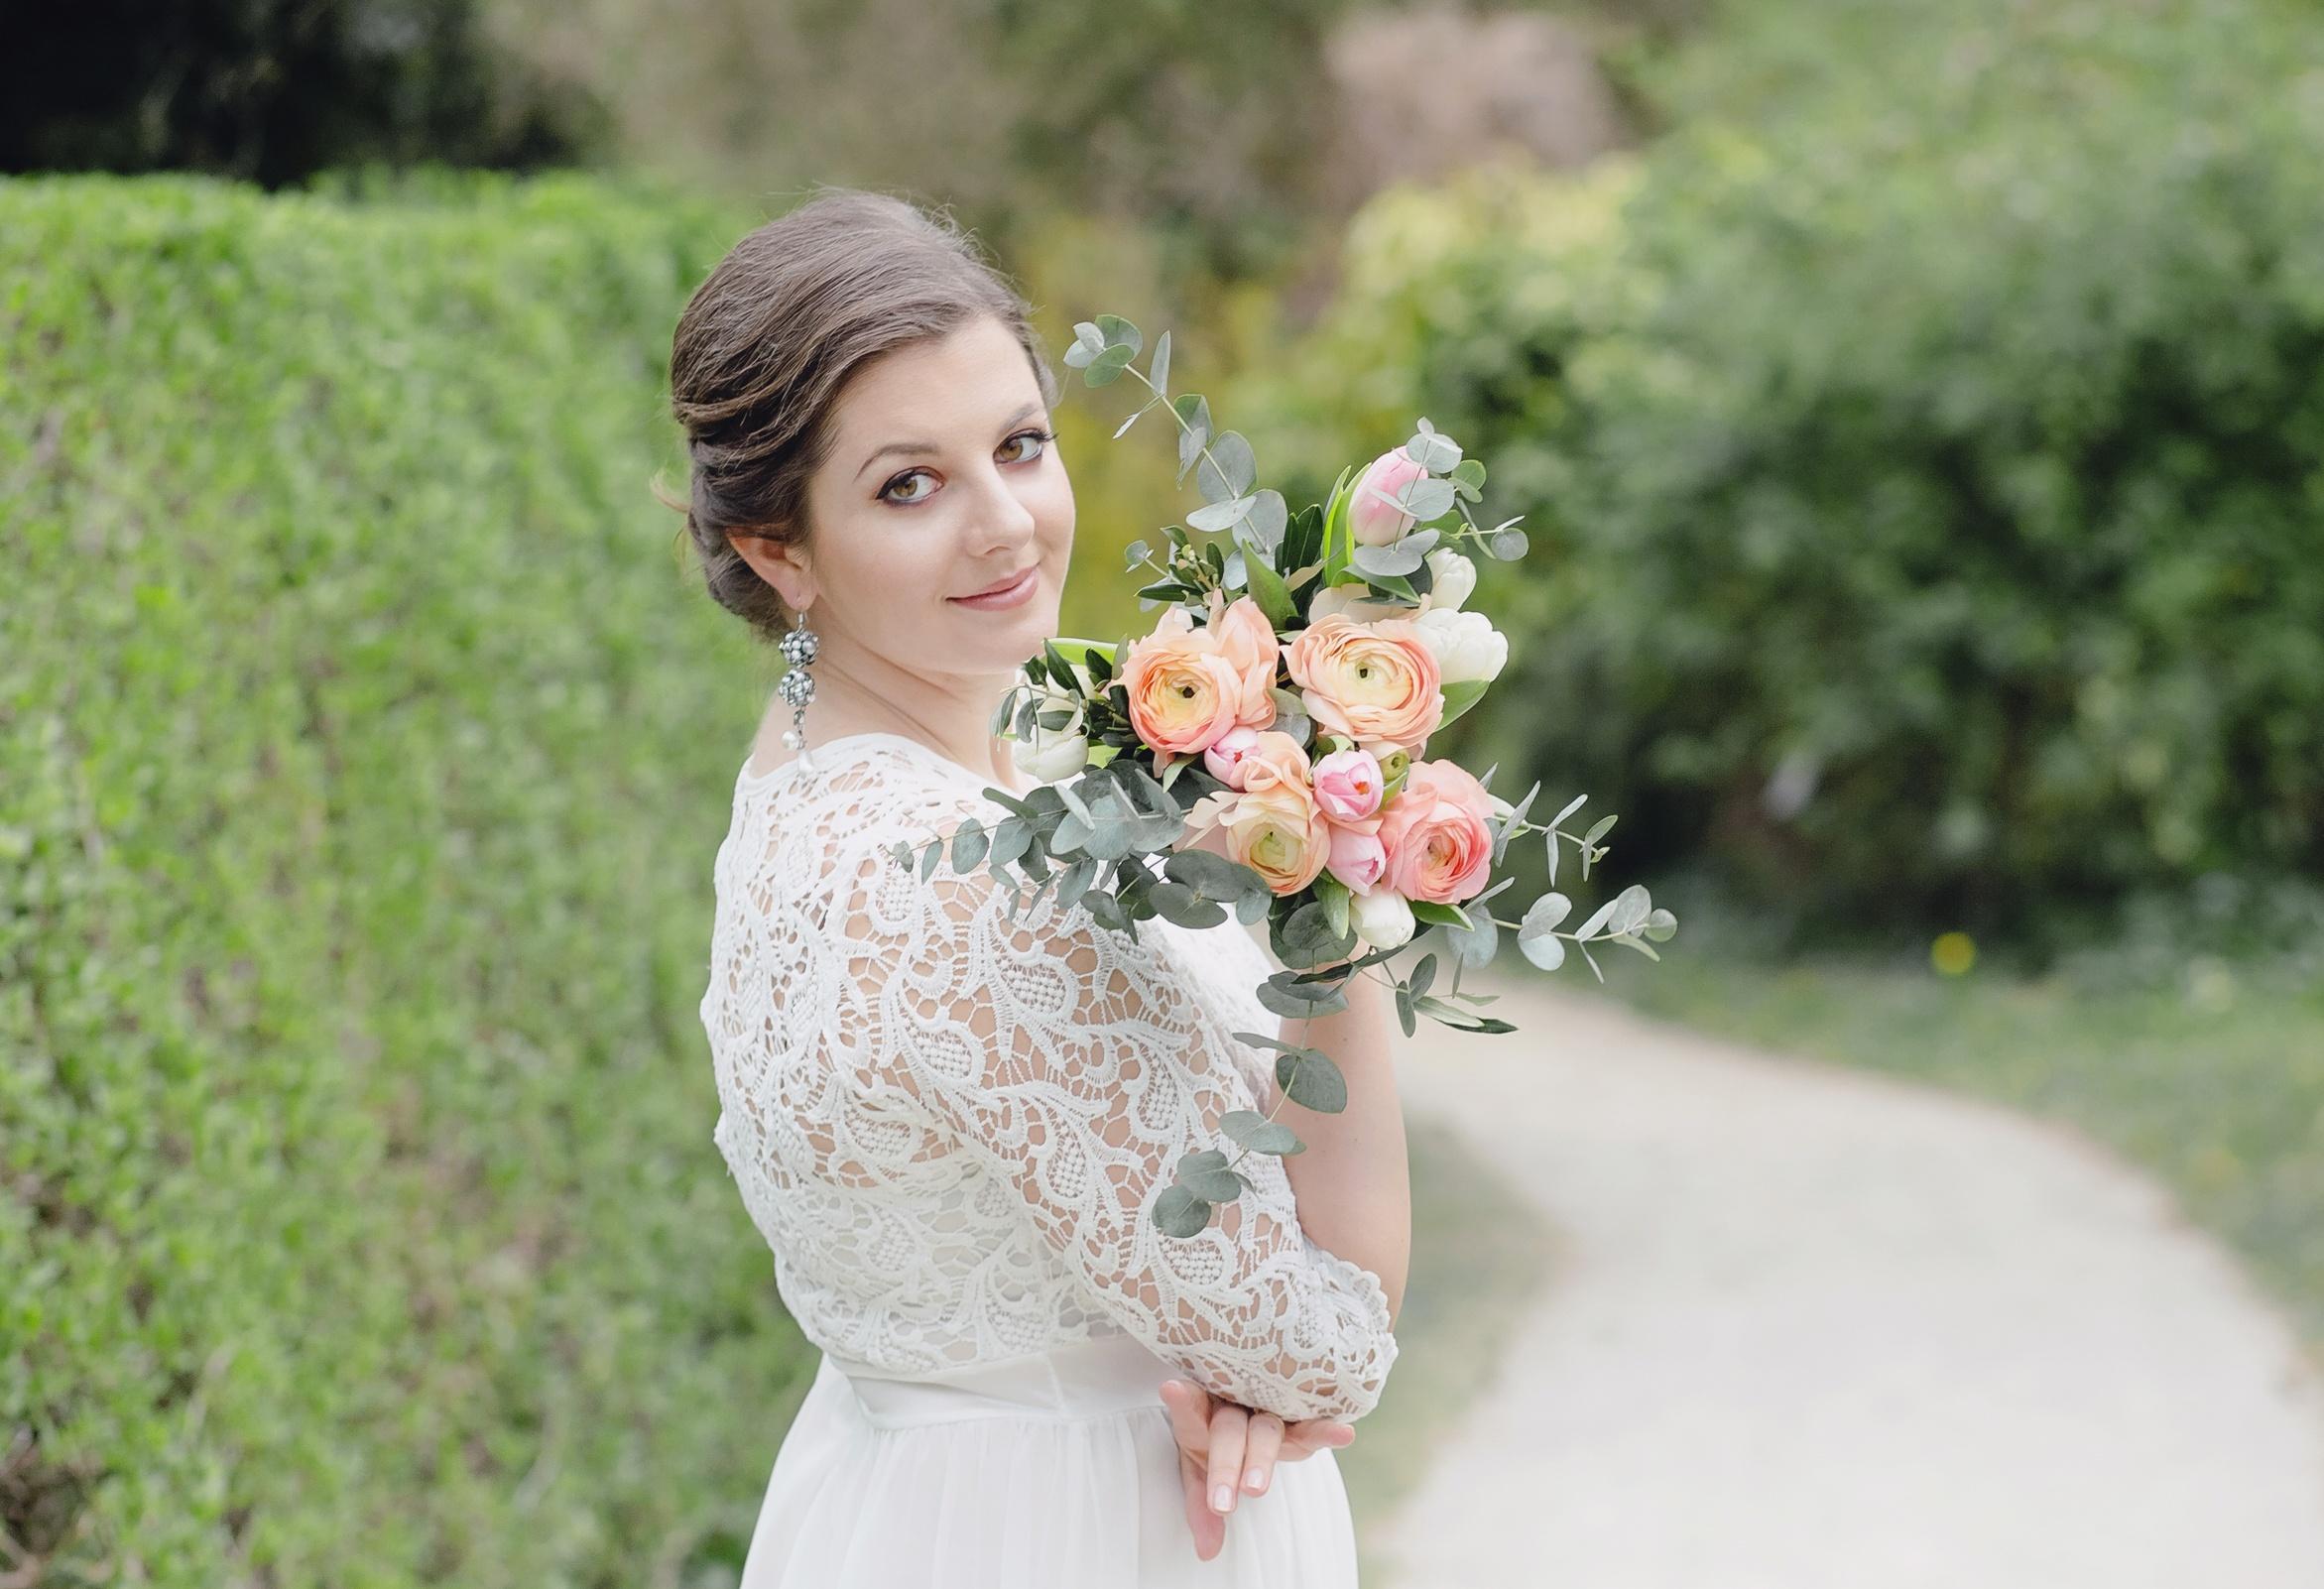 Katja Koselj Jewllery, butični poročni sejem, poročni sejem, poročni festival, poroka